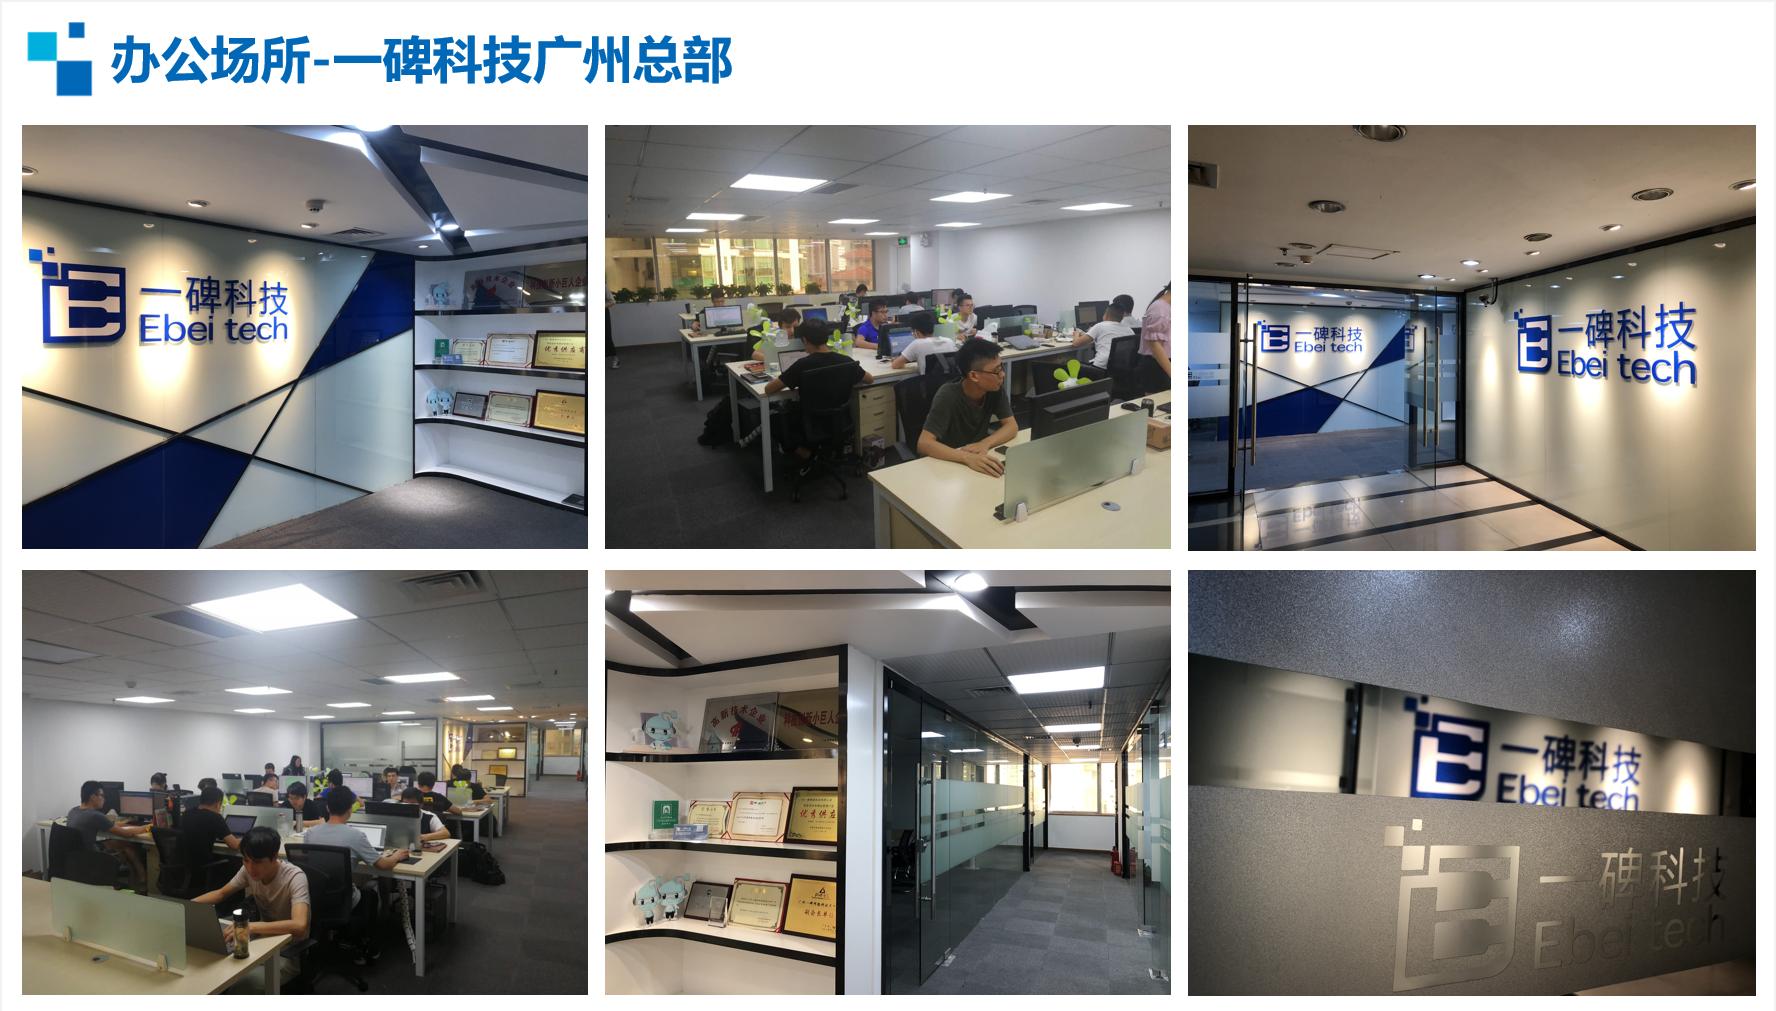 廣州辦公室